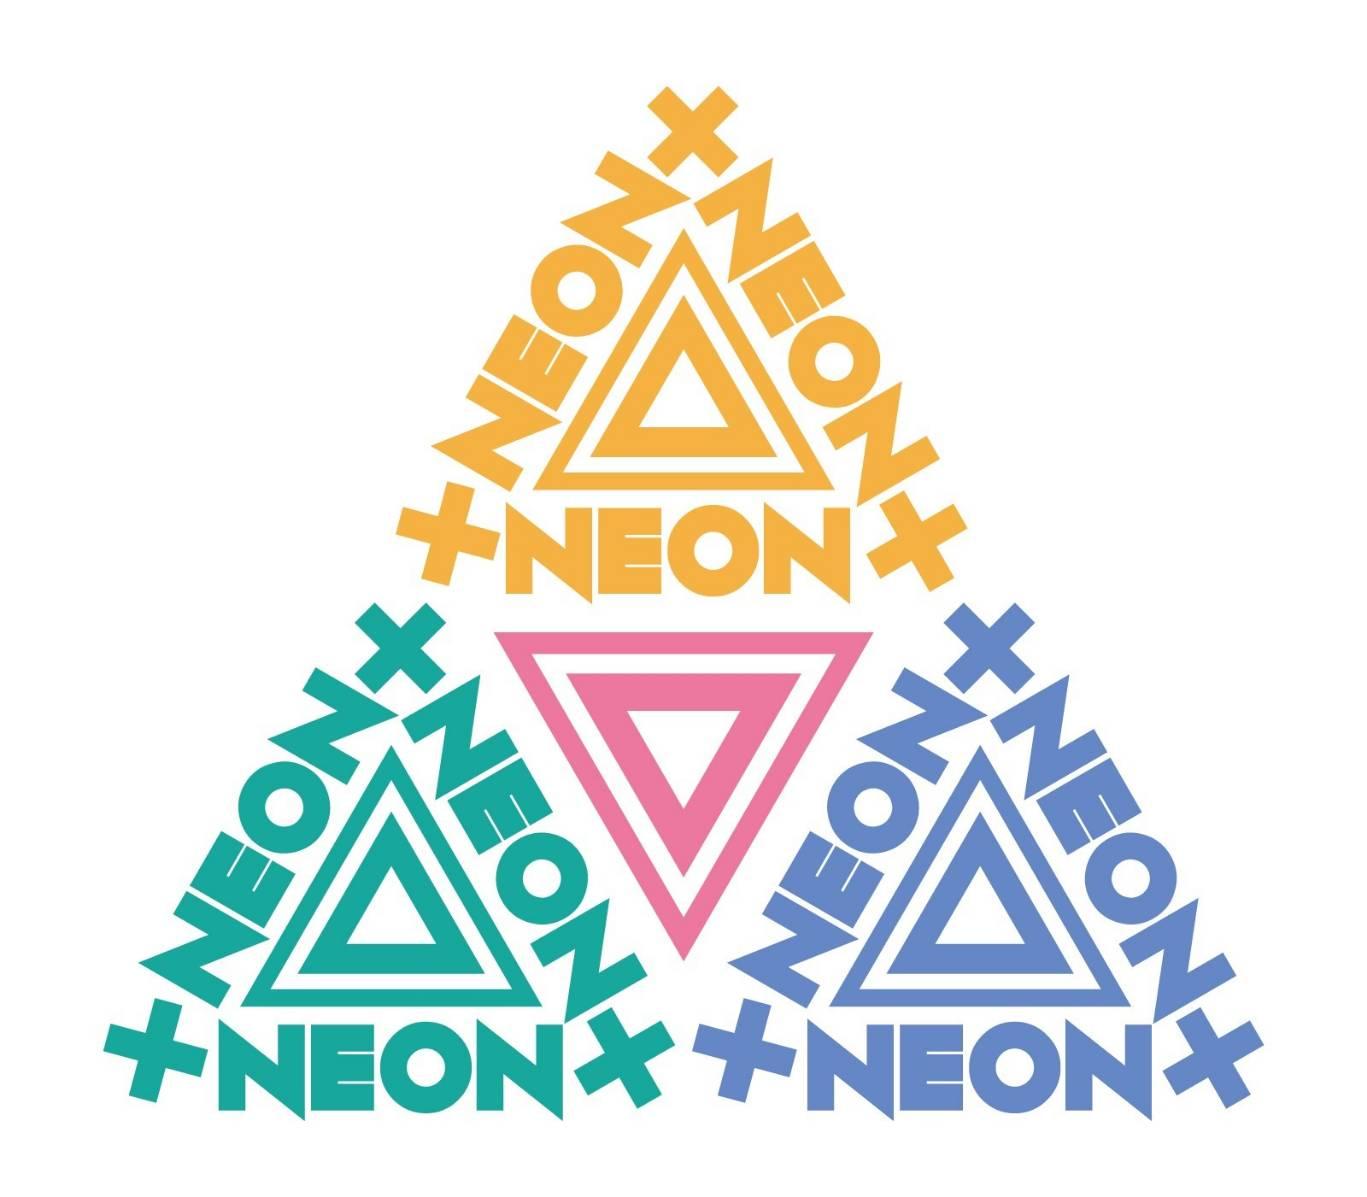 2018年11月16日(金)  「NEON×NEON×NEON」